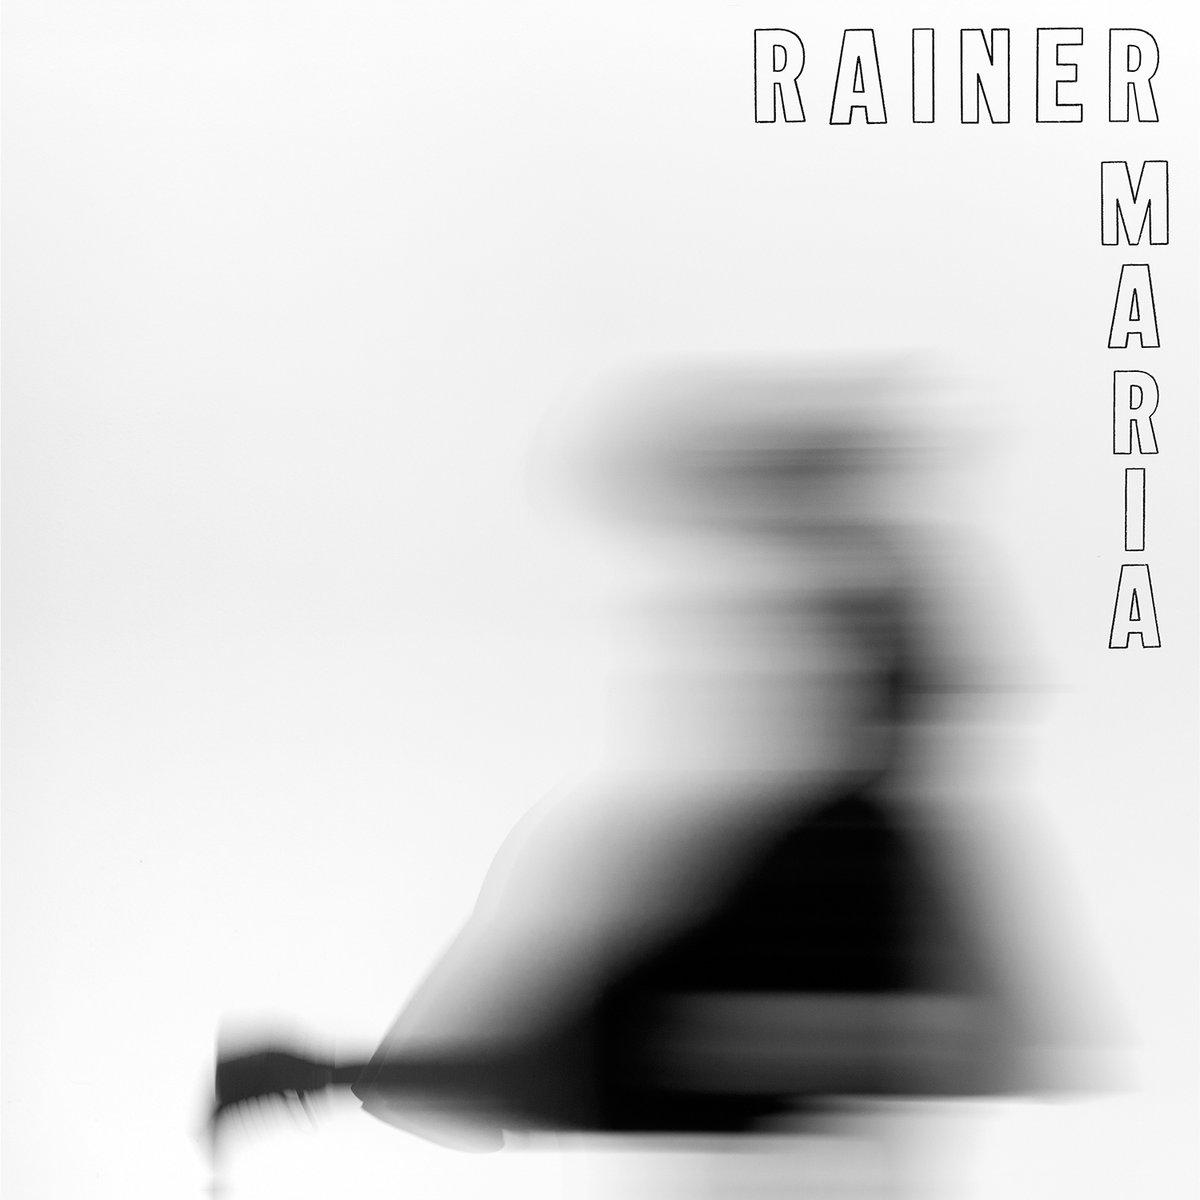 Rainer Maria album review